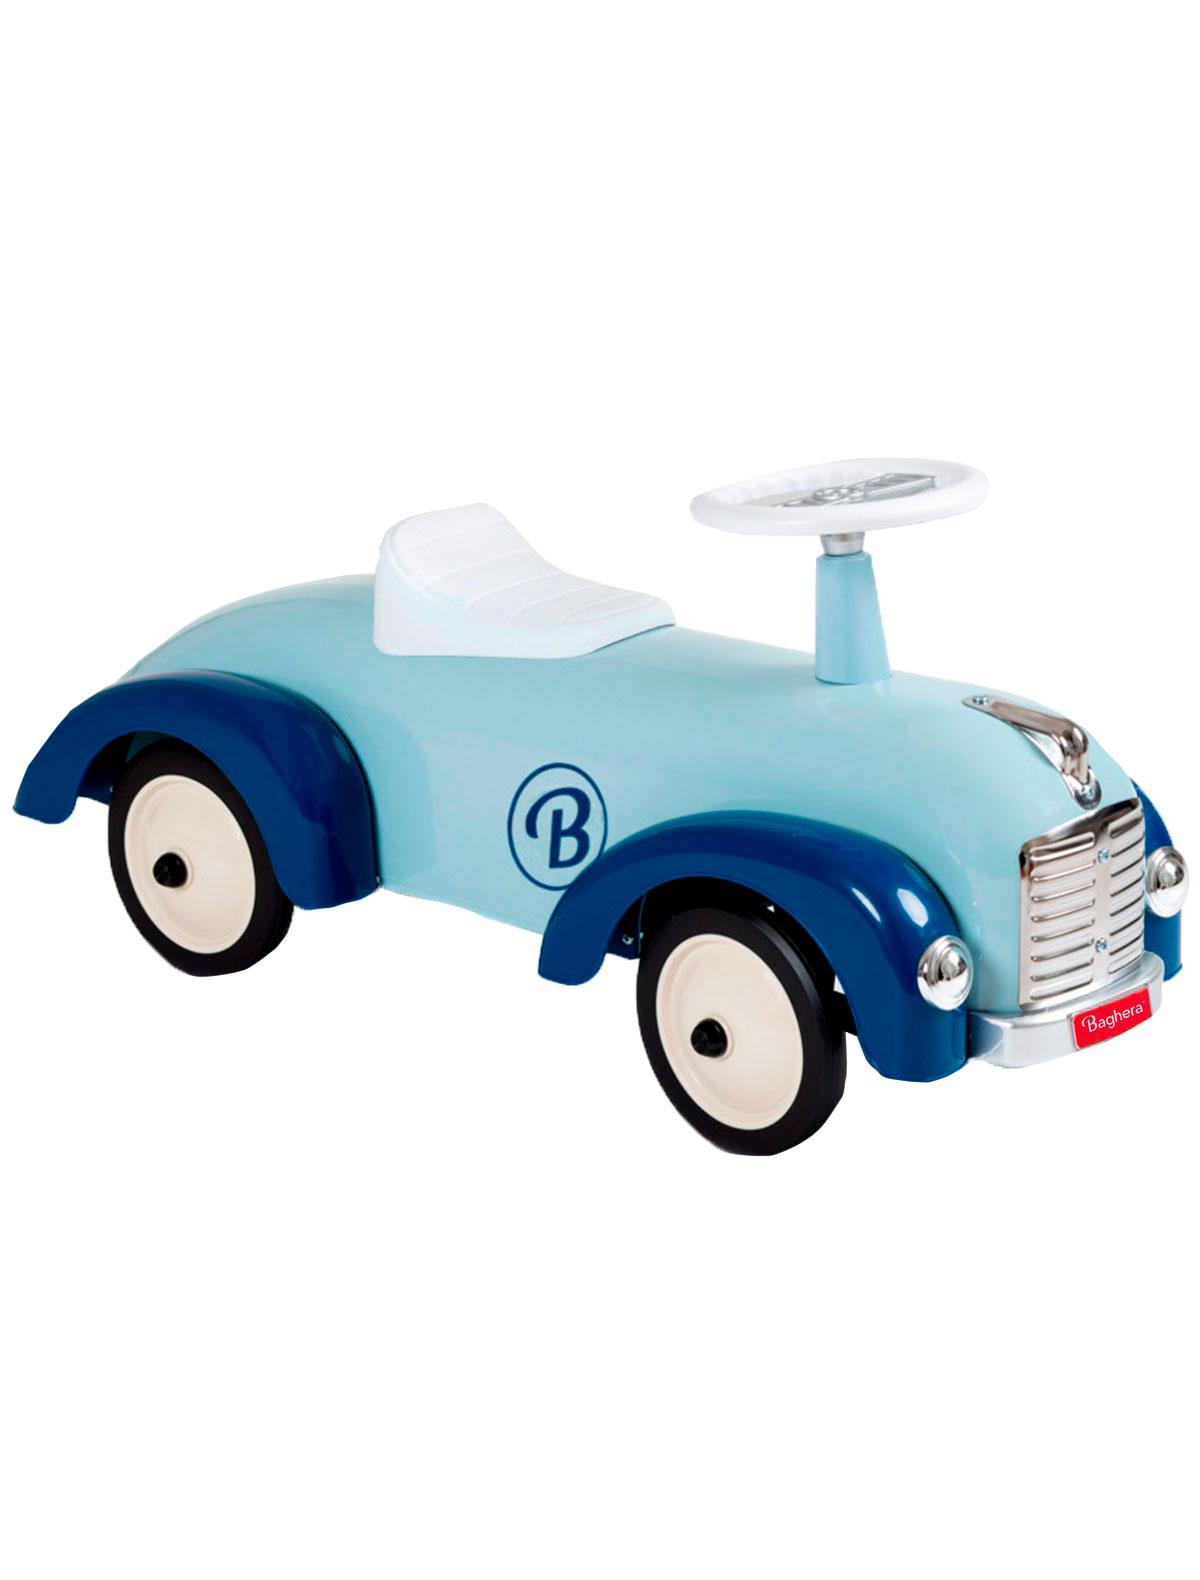 Купить 2214409, Машинка детская Baghera, голубой, 7684520070052